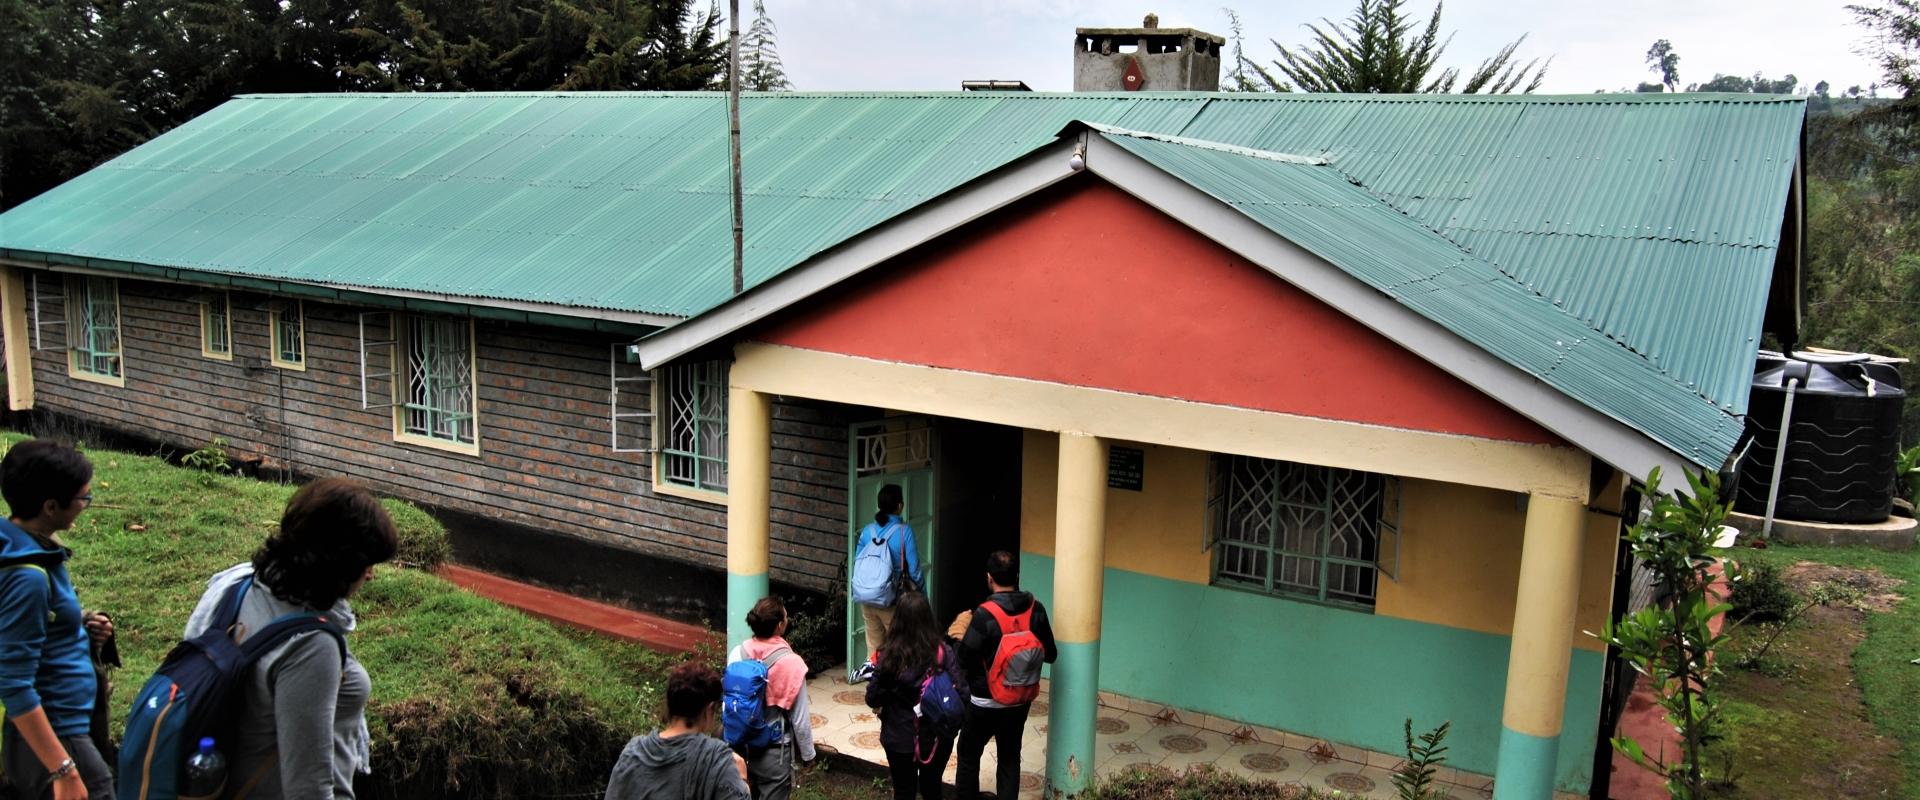 edificio scolastico scale Kenya Mani Tese 2017